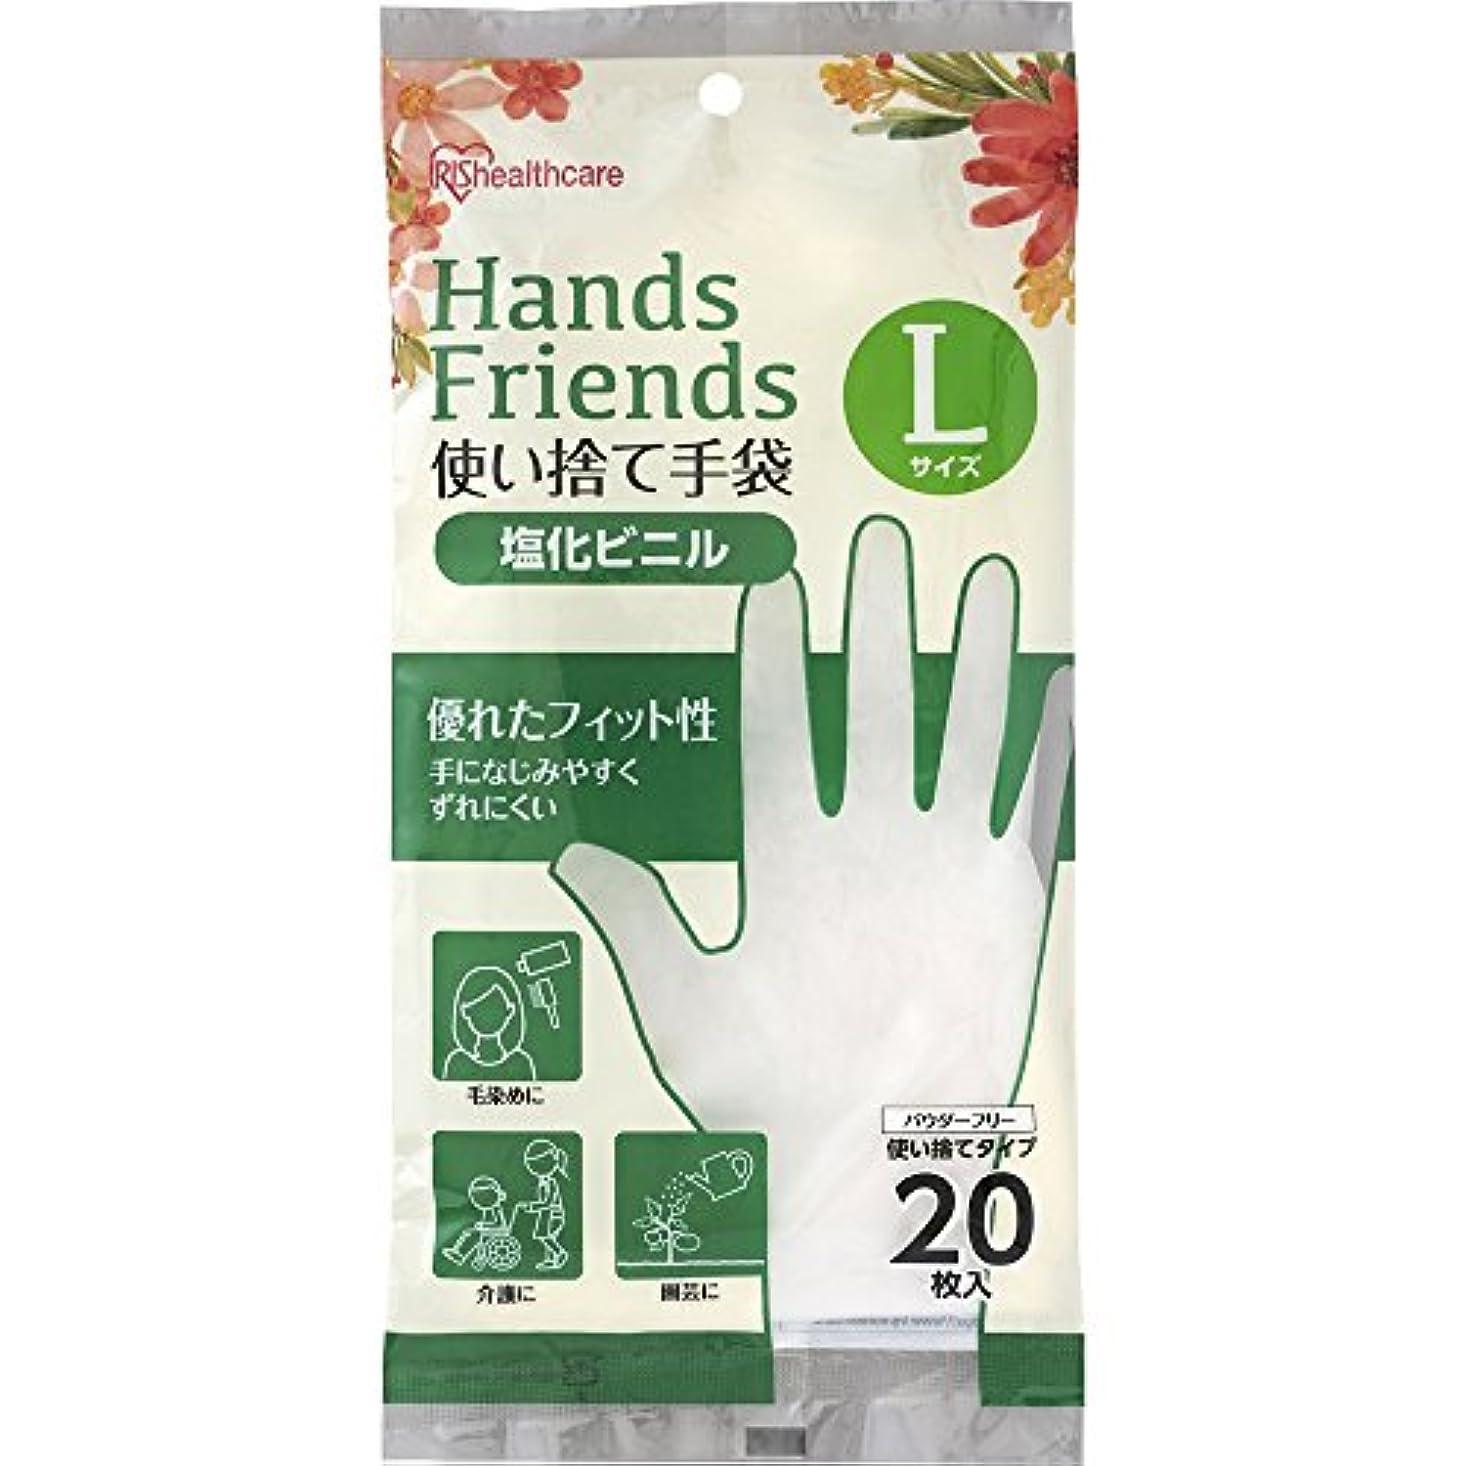 エレメンタルキャップアルバム使い捨て手袋 クリア 塩化ビニル 20枚 Lサイズ PVC-20L